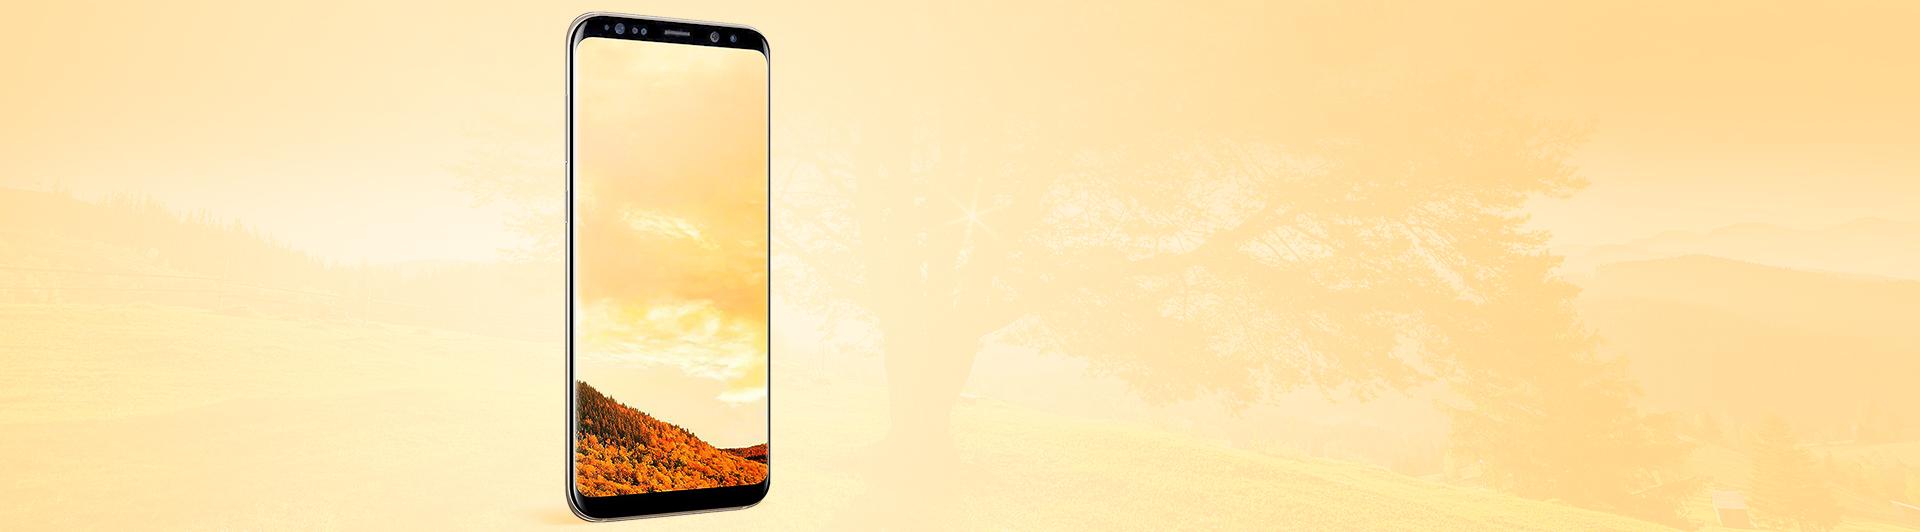 Điện thoại Samsung Galaxy S8 Plus vàng sang trọng